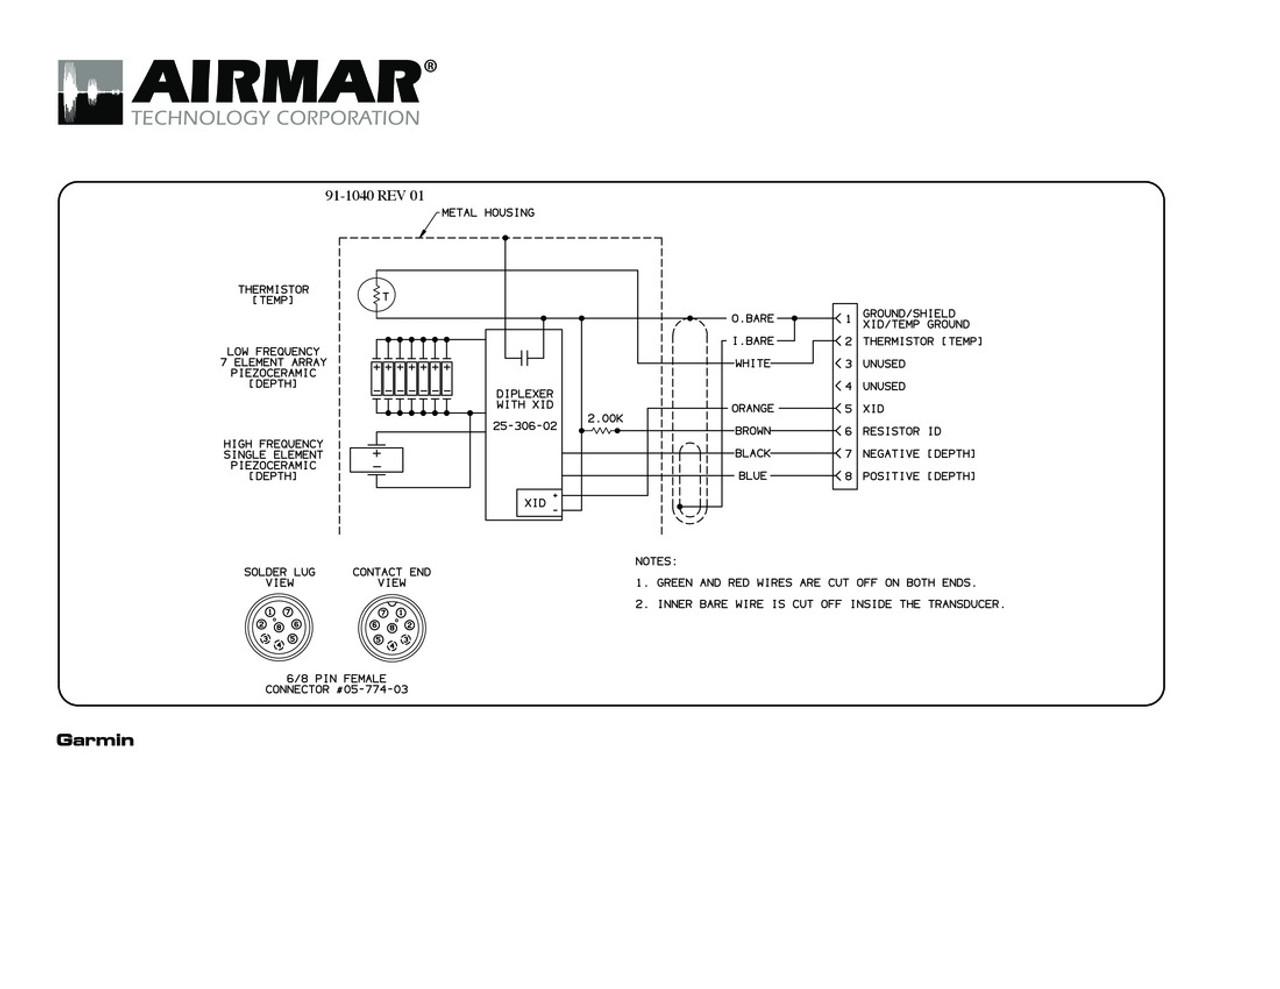 Garmin Antenna Wiring Diagram | Wiring Diagram on